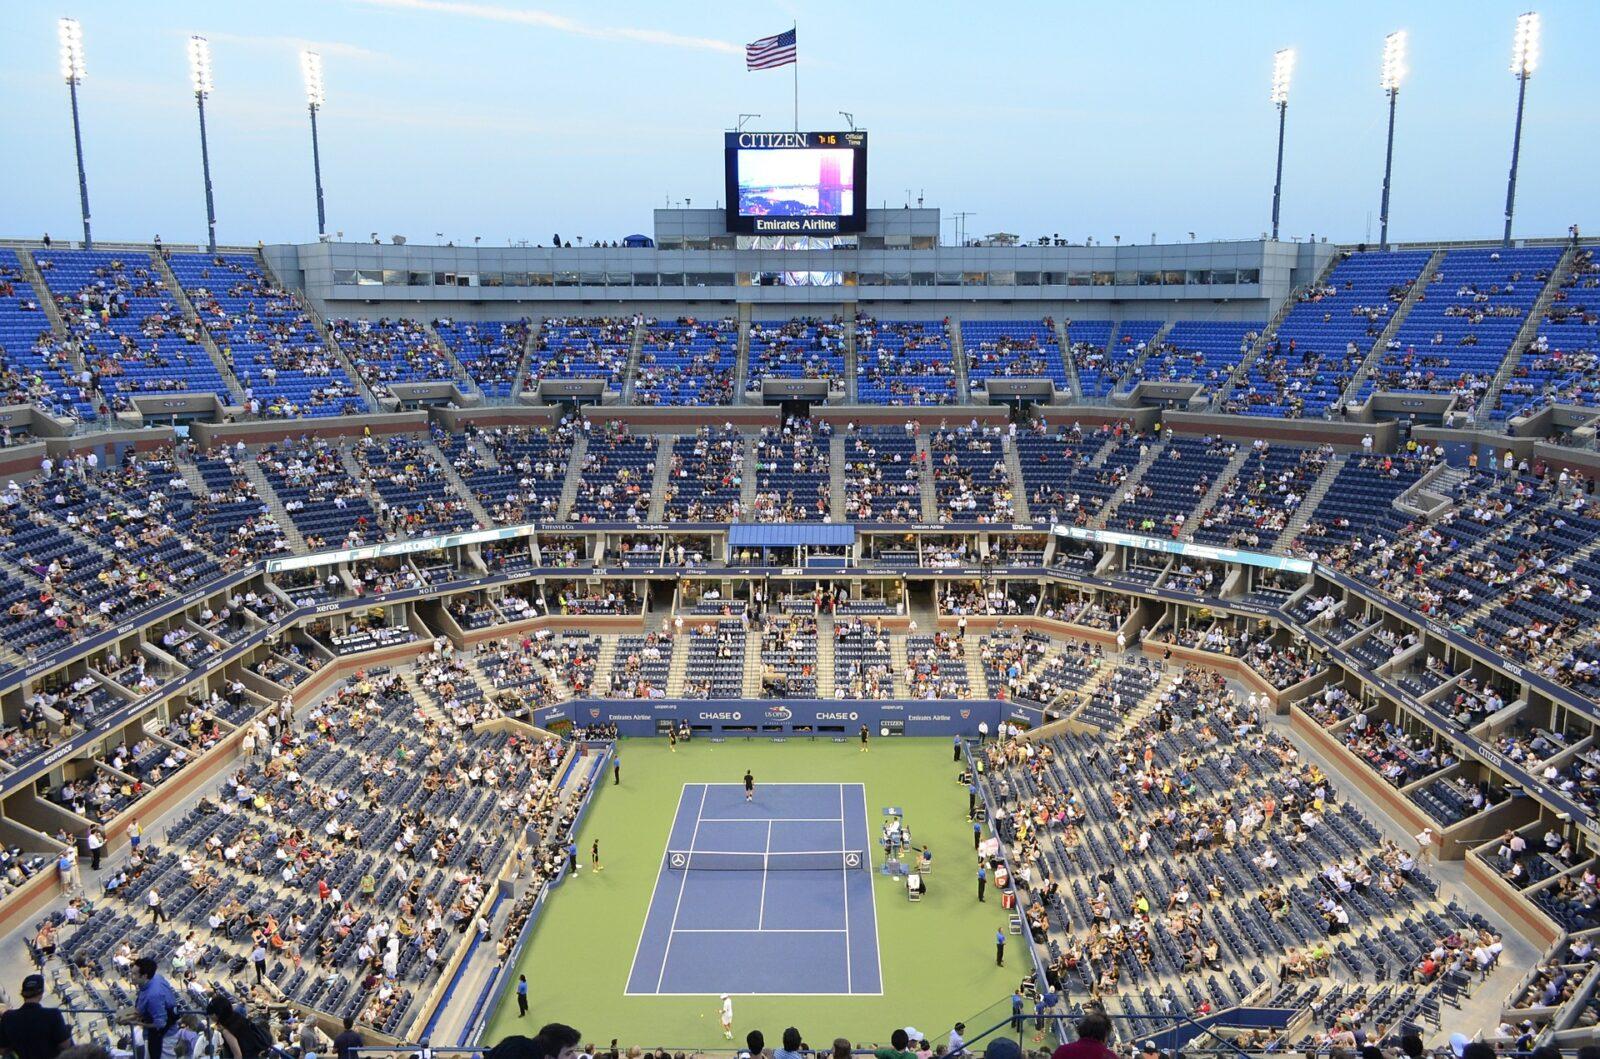 Czy to jeszcze turniej wielkoszlemowy? US Open zmaga się z brakiem gwiazd